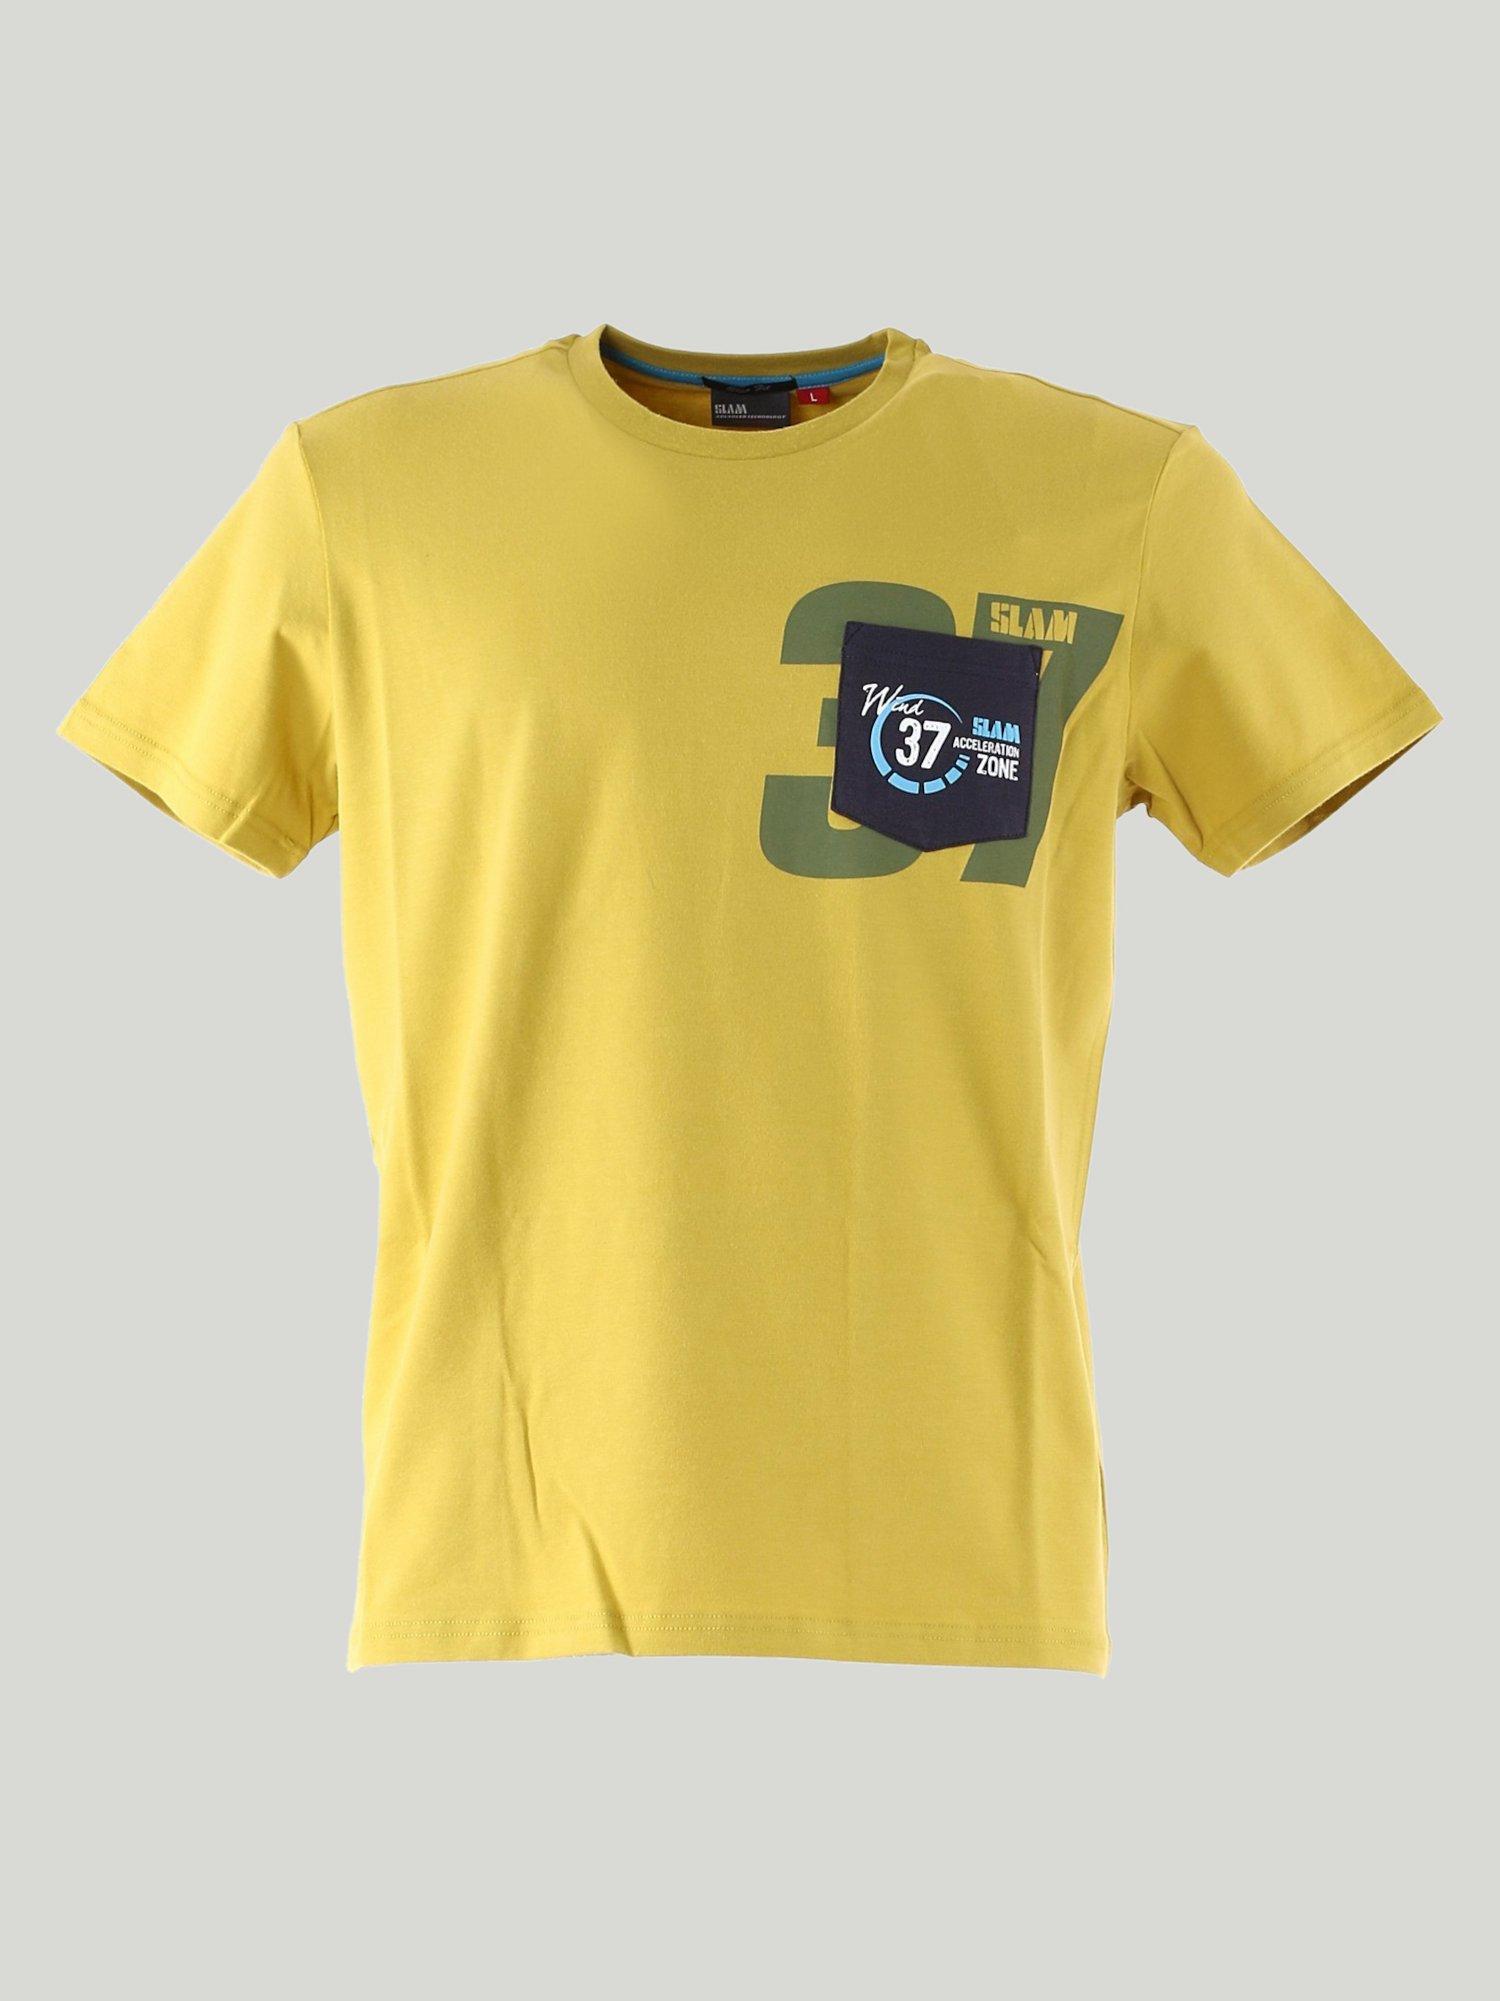 Laconia t-shirt - Lichen